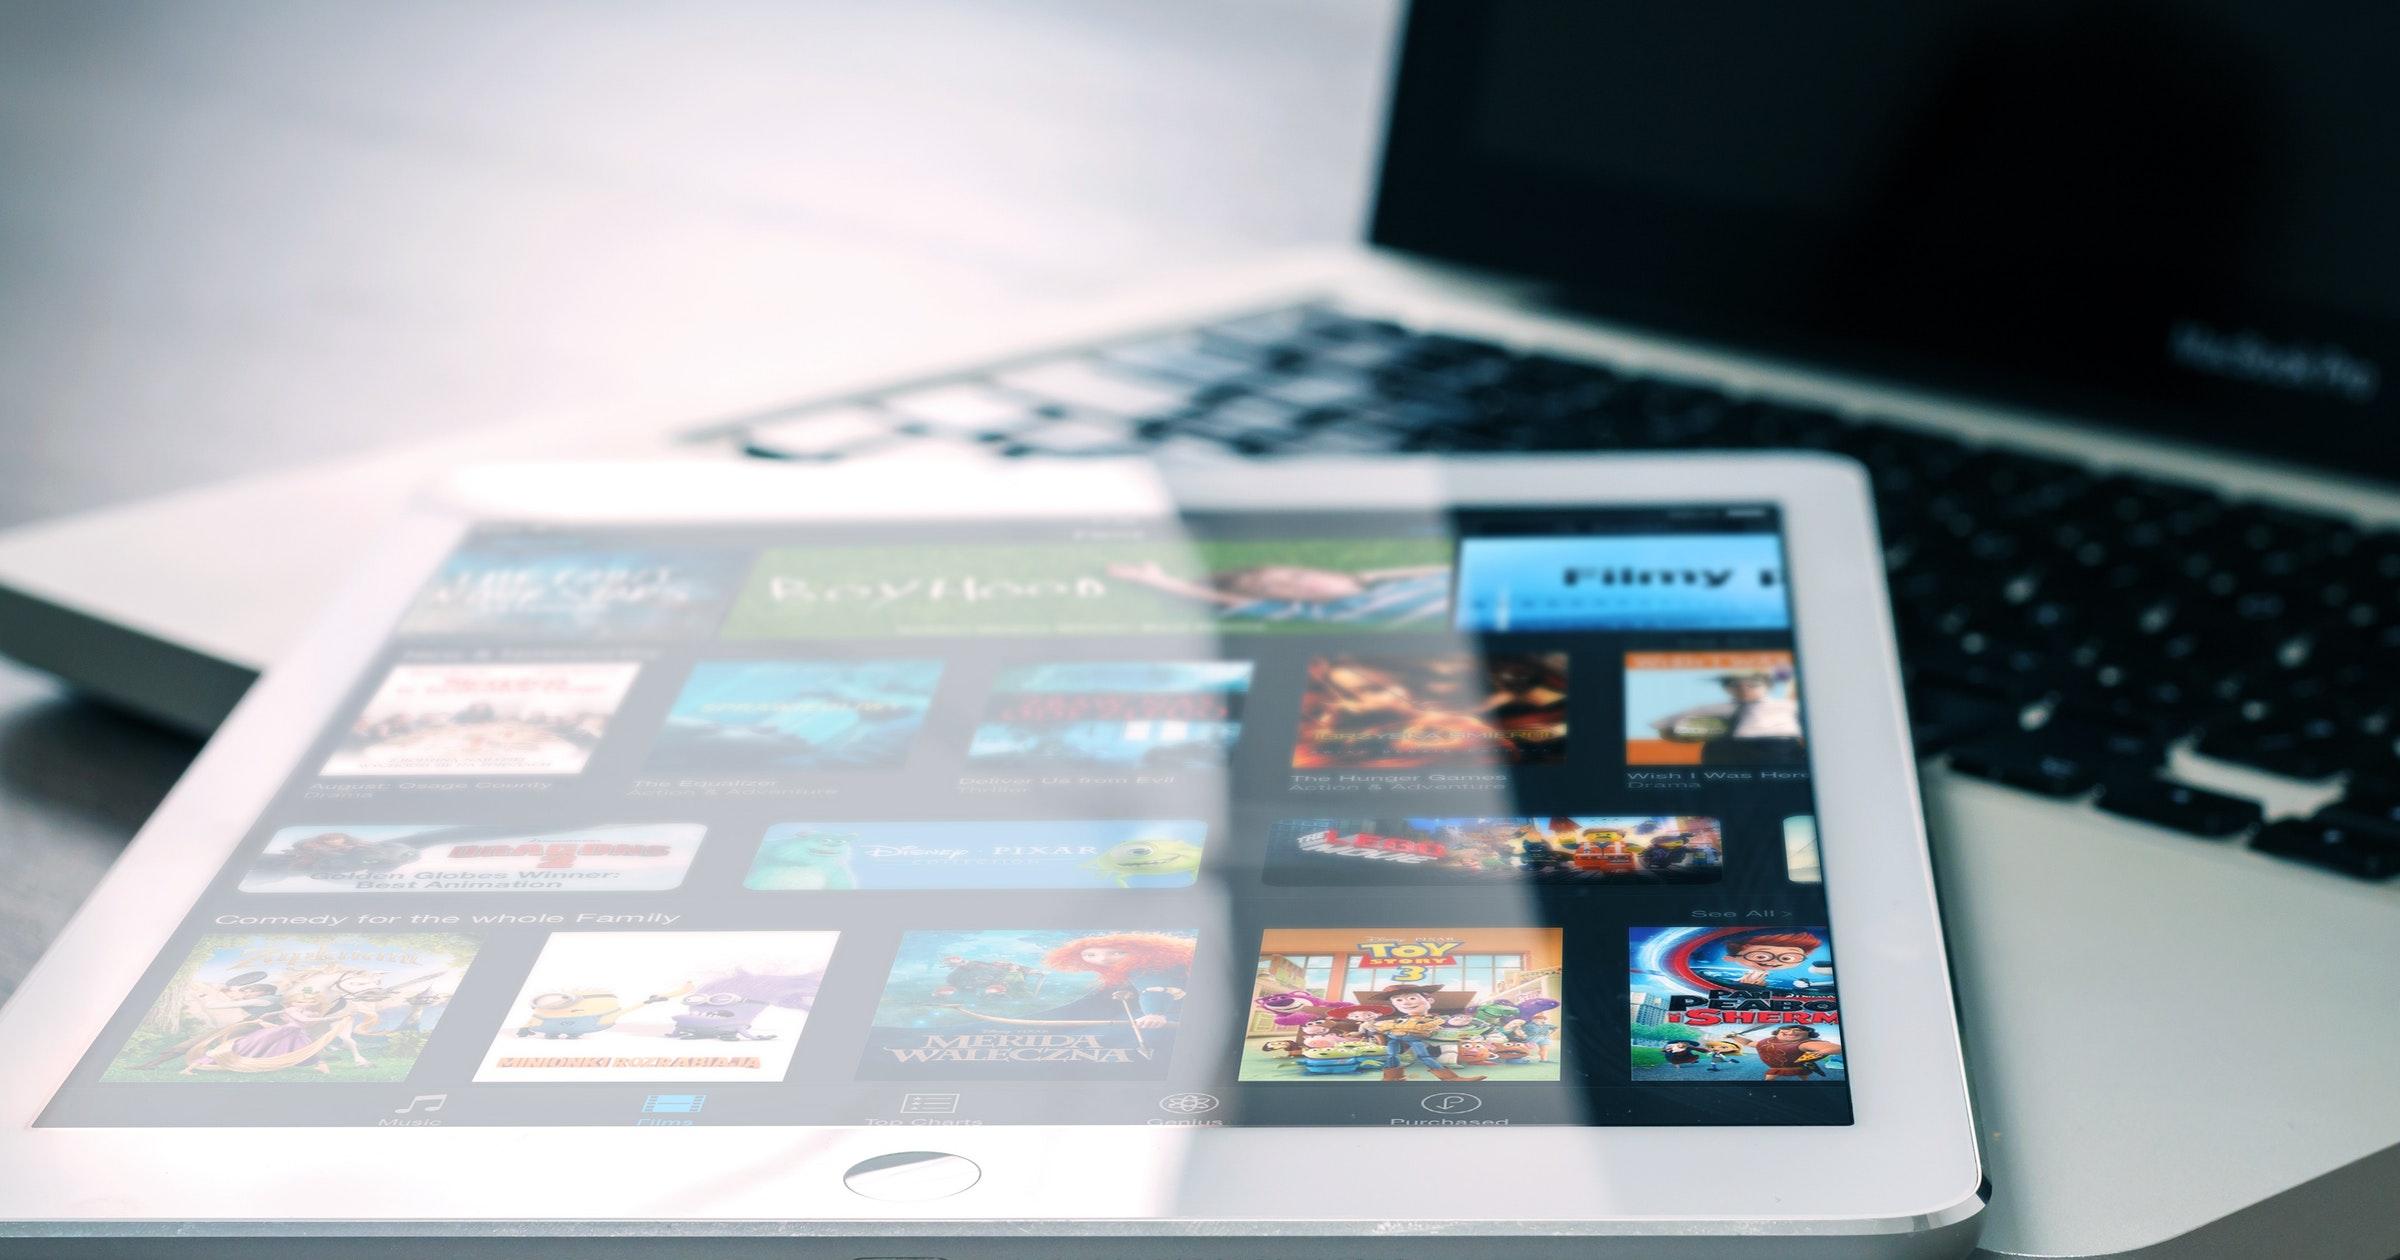 apple tv, mobipunkt, apple tooted, 4k, netflix, amazon prime video, videoteenusepakkuja, filmid reaalajas, teleseriaalid,